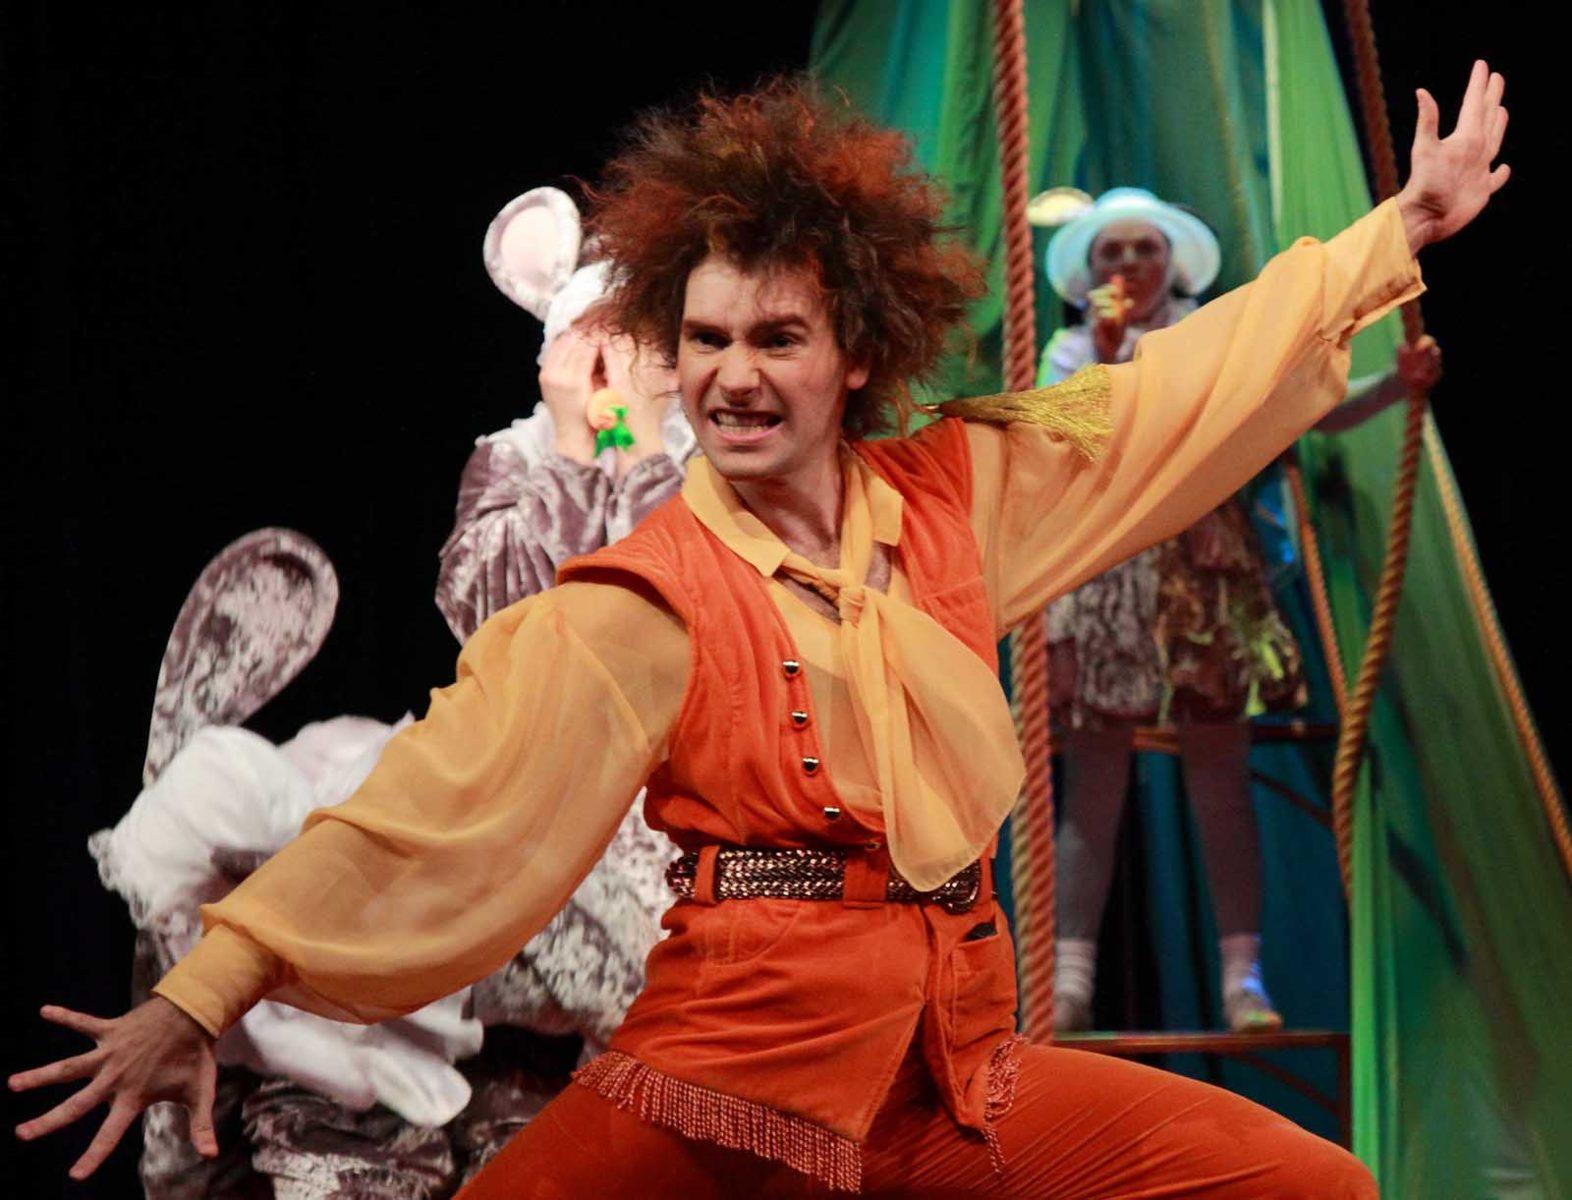 Спектакль «Приключения львенка» в театре «Содружество актеров Таганки» – события на сайте «Московские Сезоны»